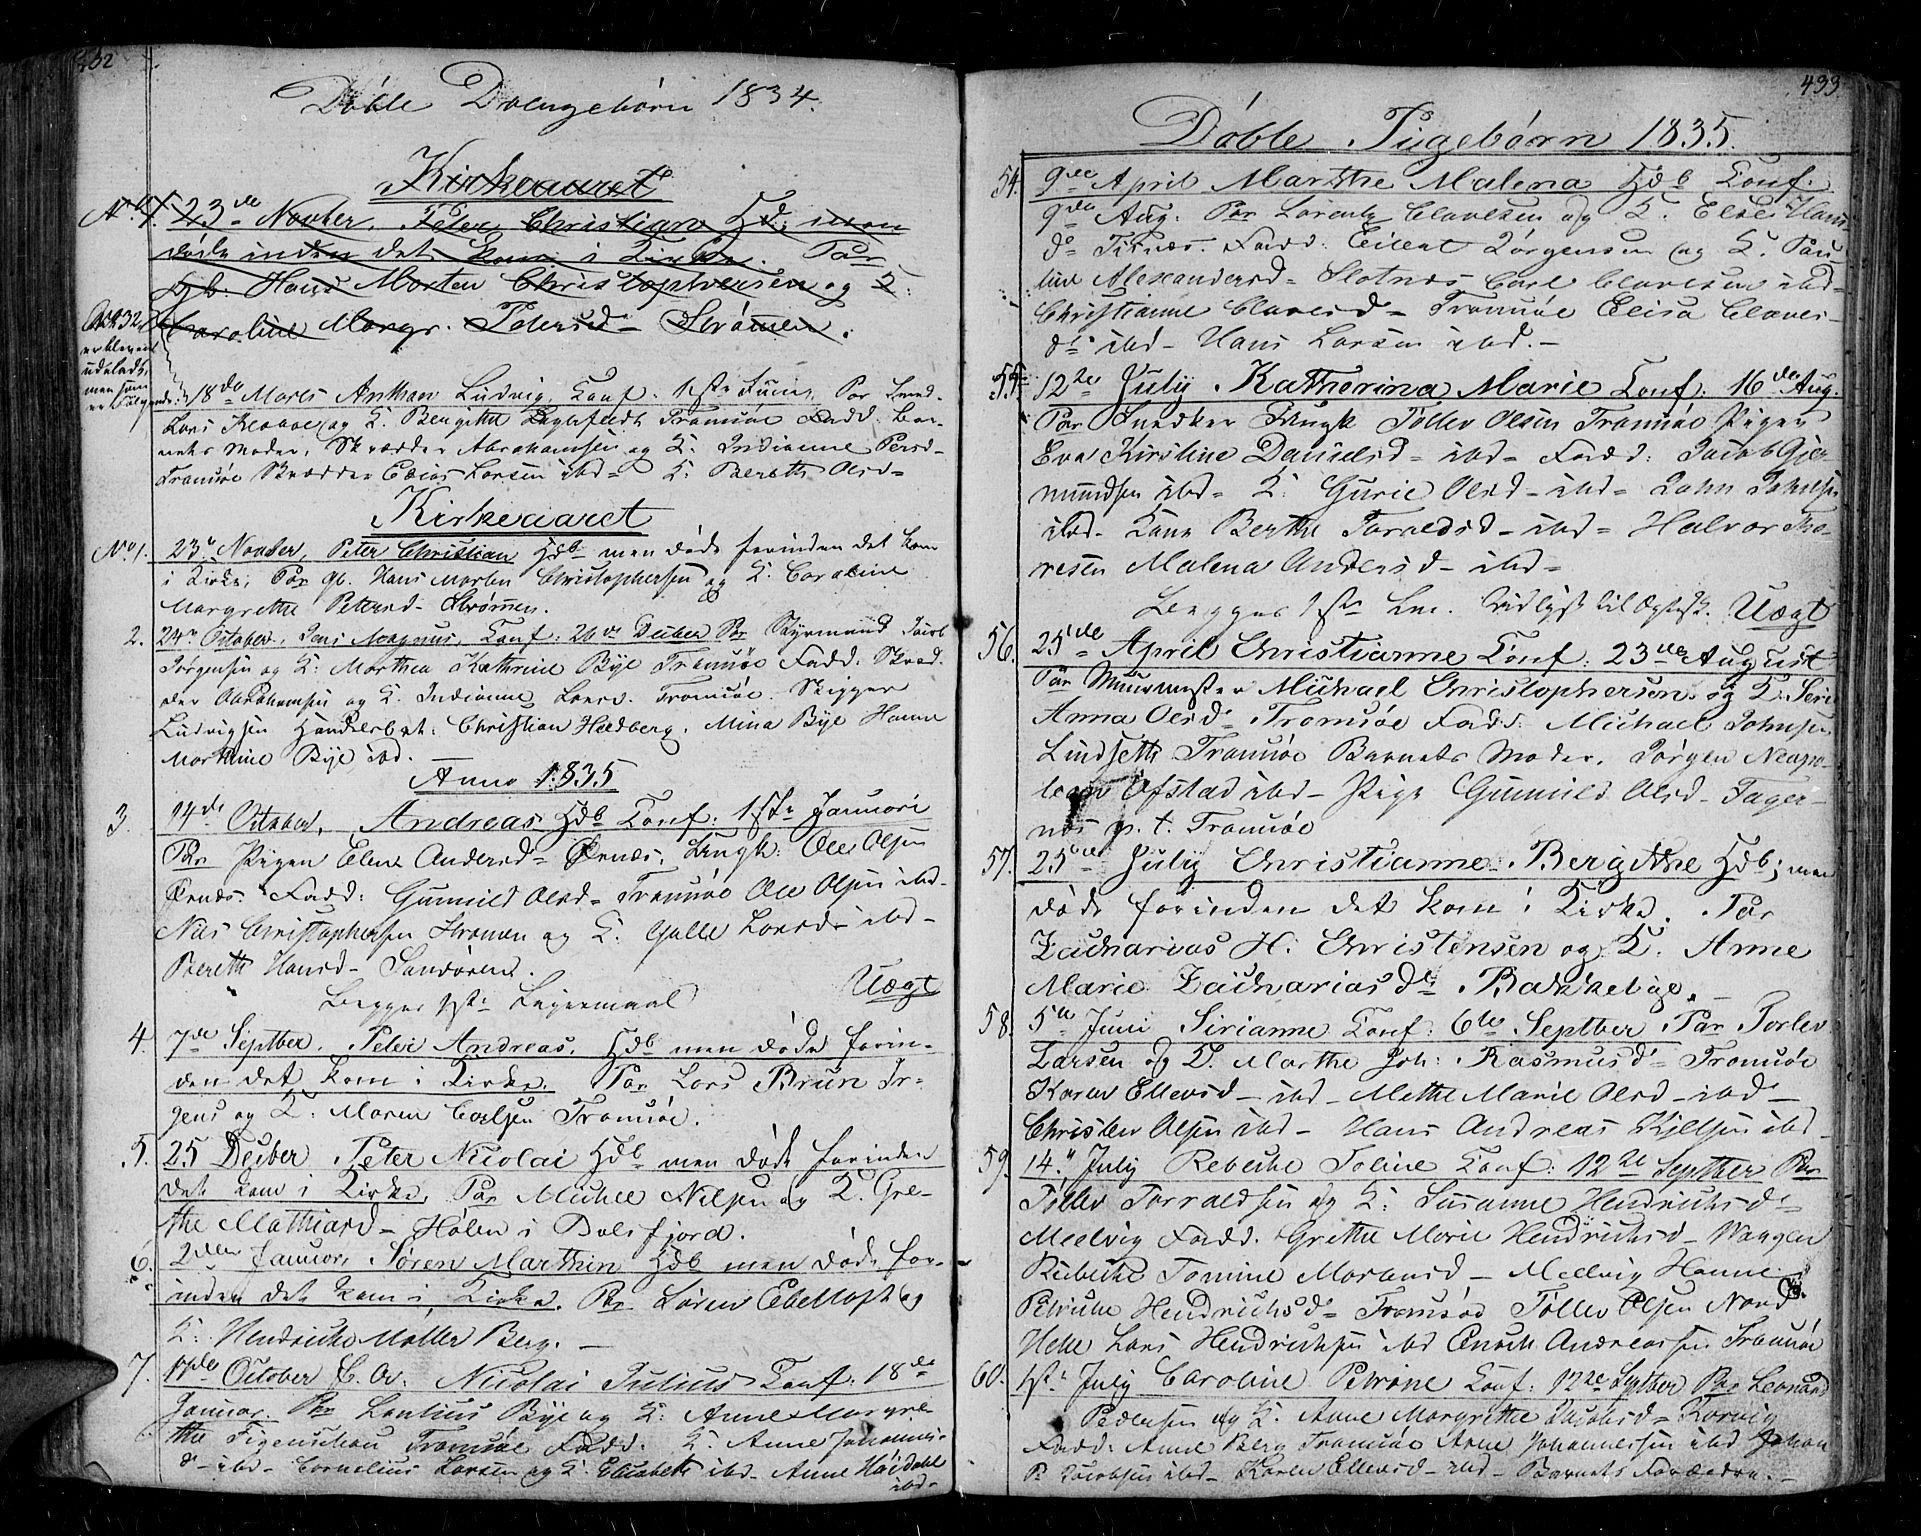 SATØ, Tromsø sokneprestkontor/stiftsprosti/domprosti, G/Ga/L0008kirke: Ministerialbok nr. 8, 1829-1837, s. 432-433